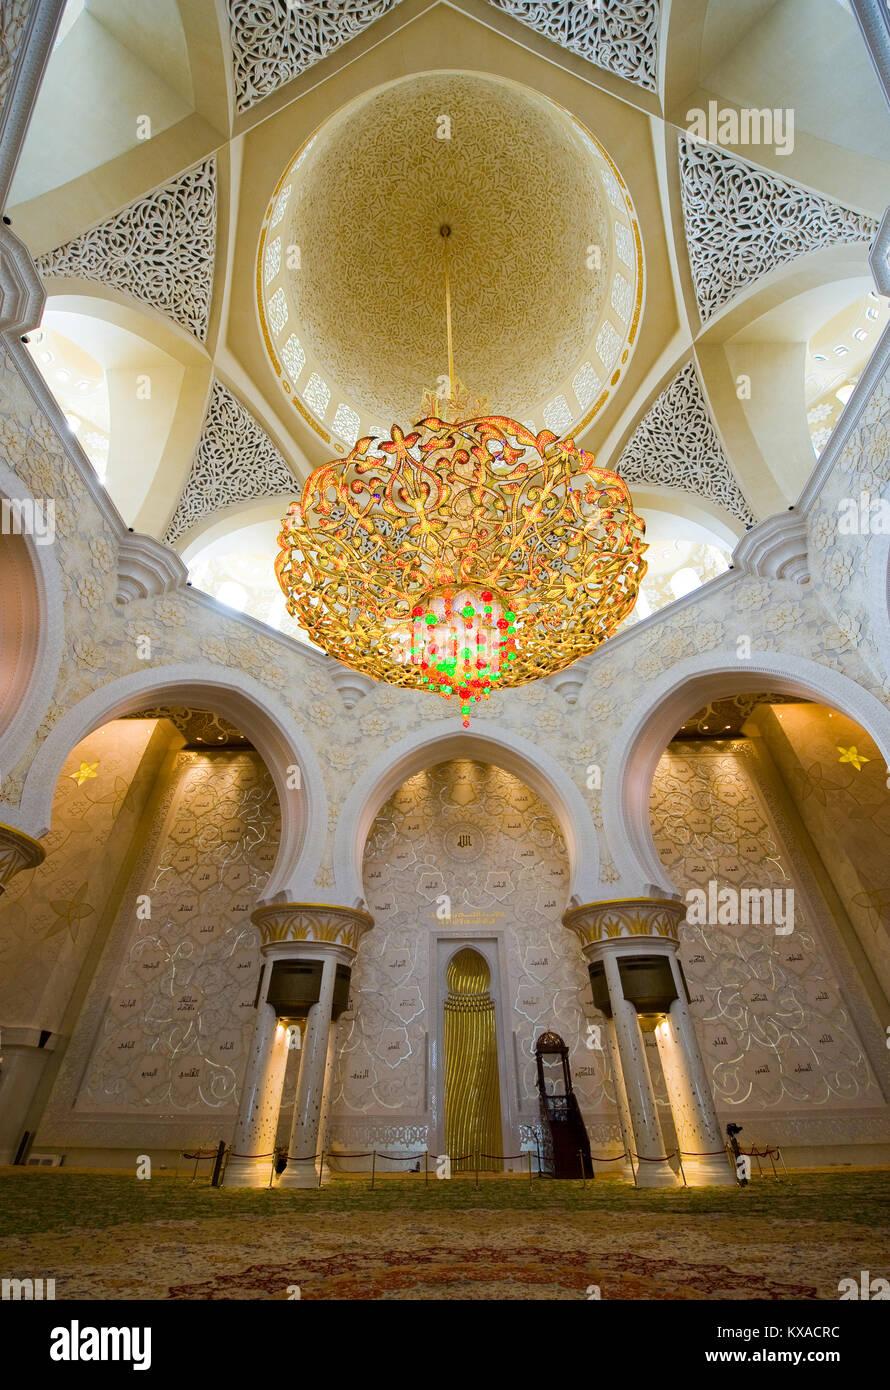 Intérieur de la mosquée Sheikh Zayed à Abu Dhabi. C'est la plus grande mosquée du pays. Photo Stock